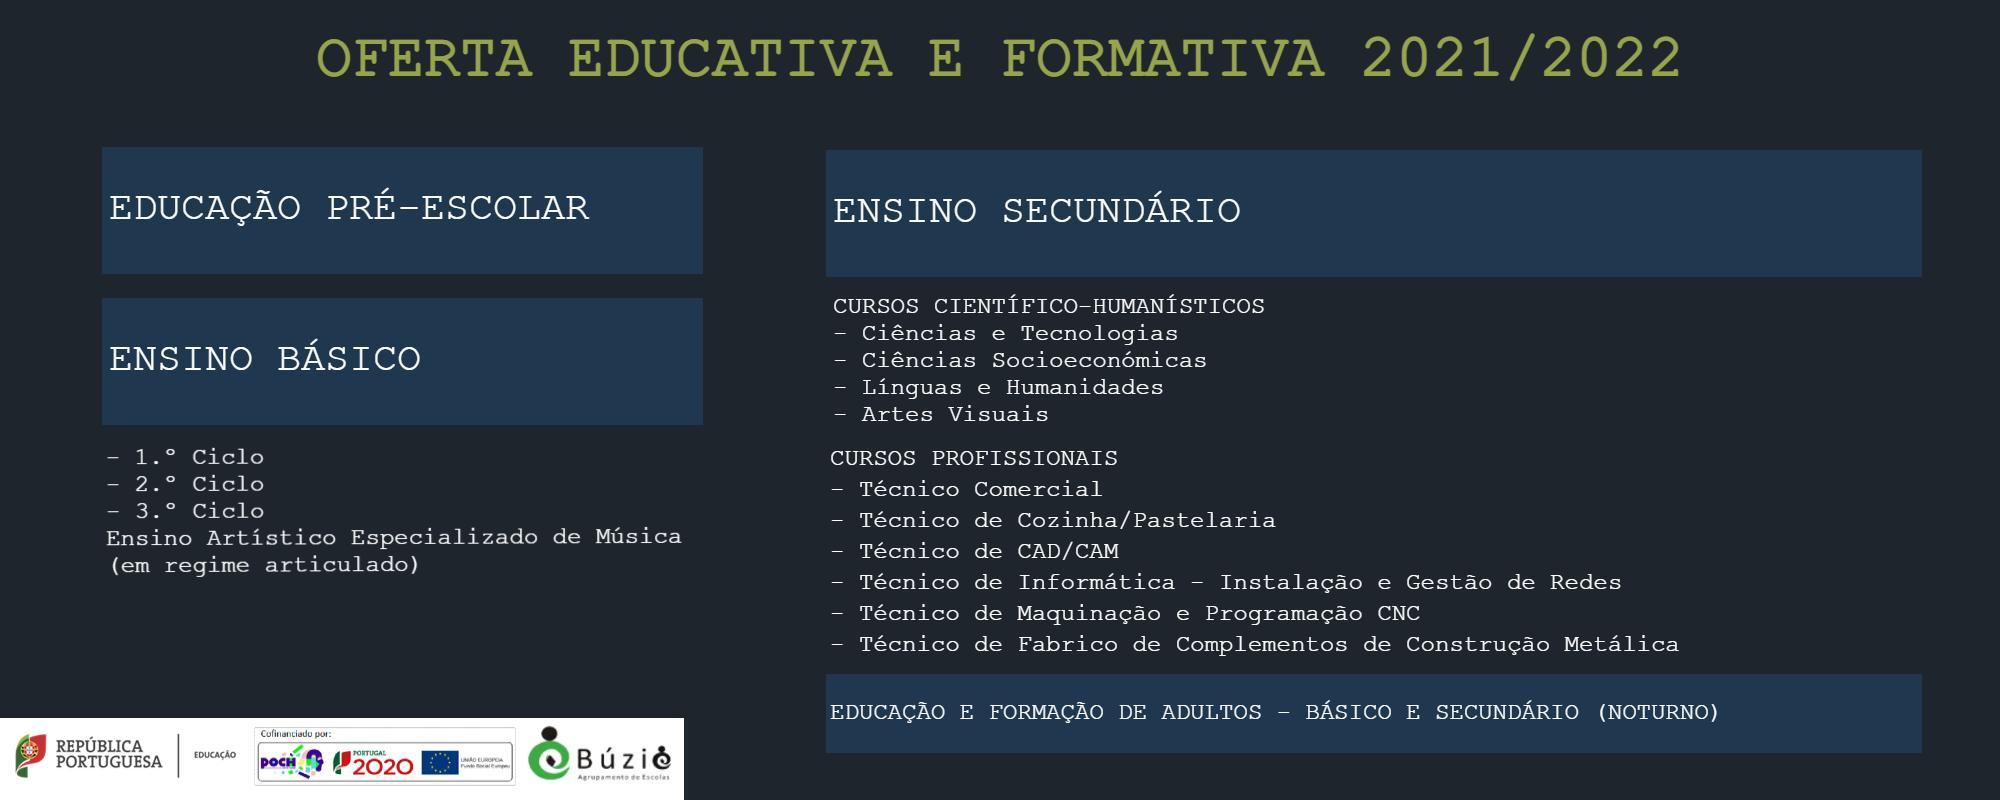 OFERTA EDUCATIVA E FORMATIVA - 2021/2022